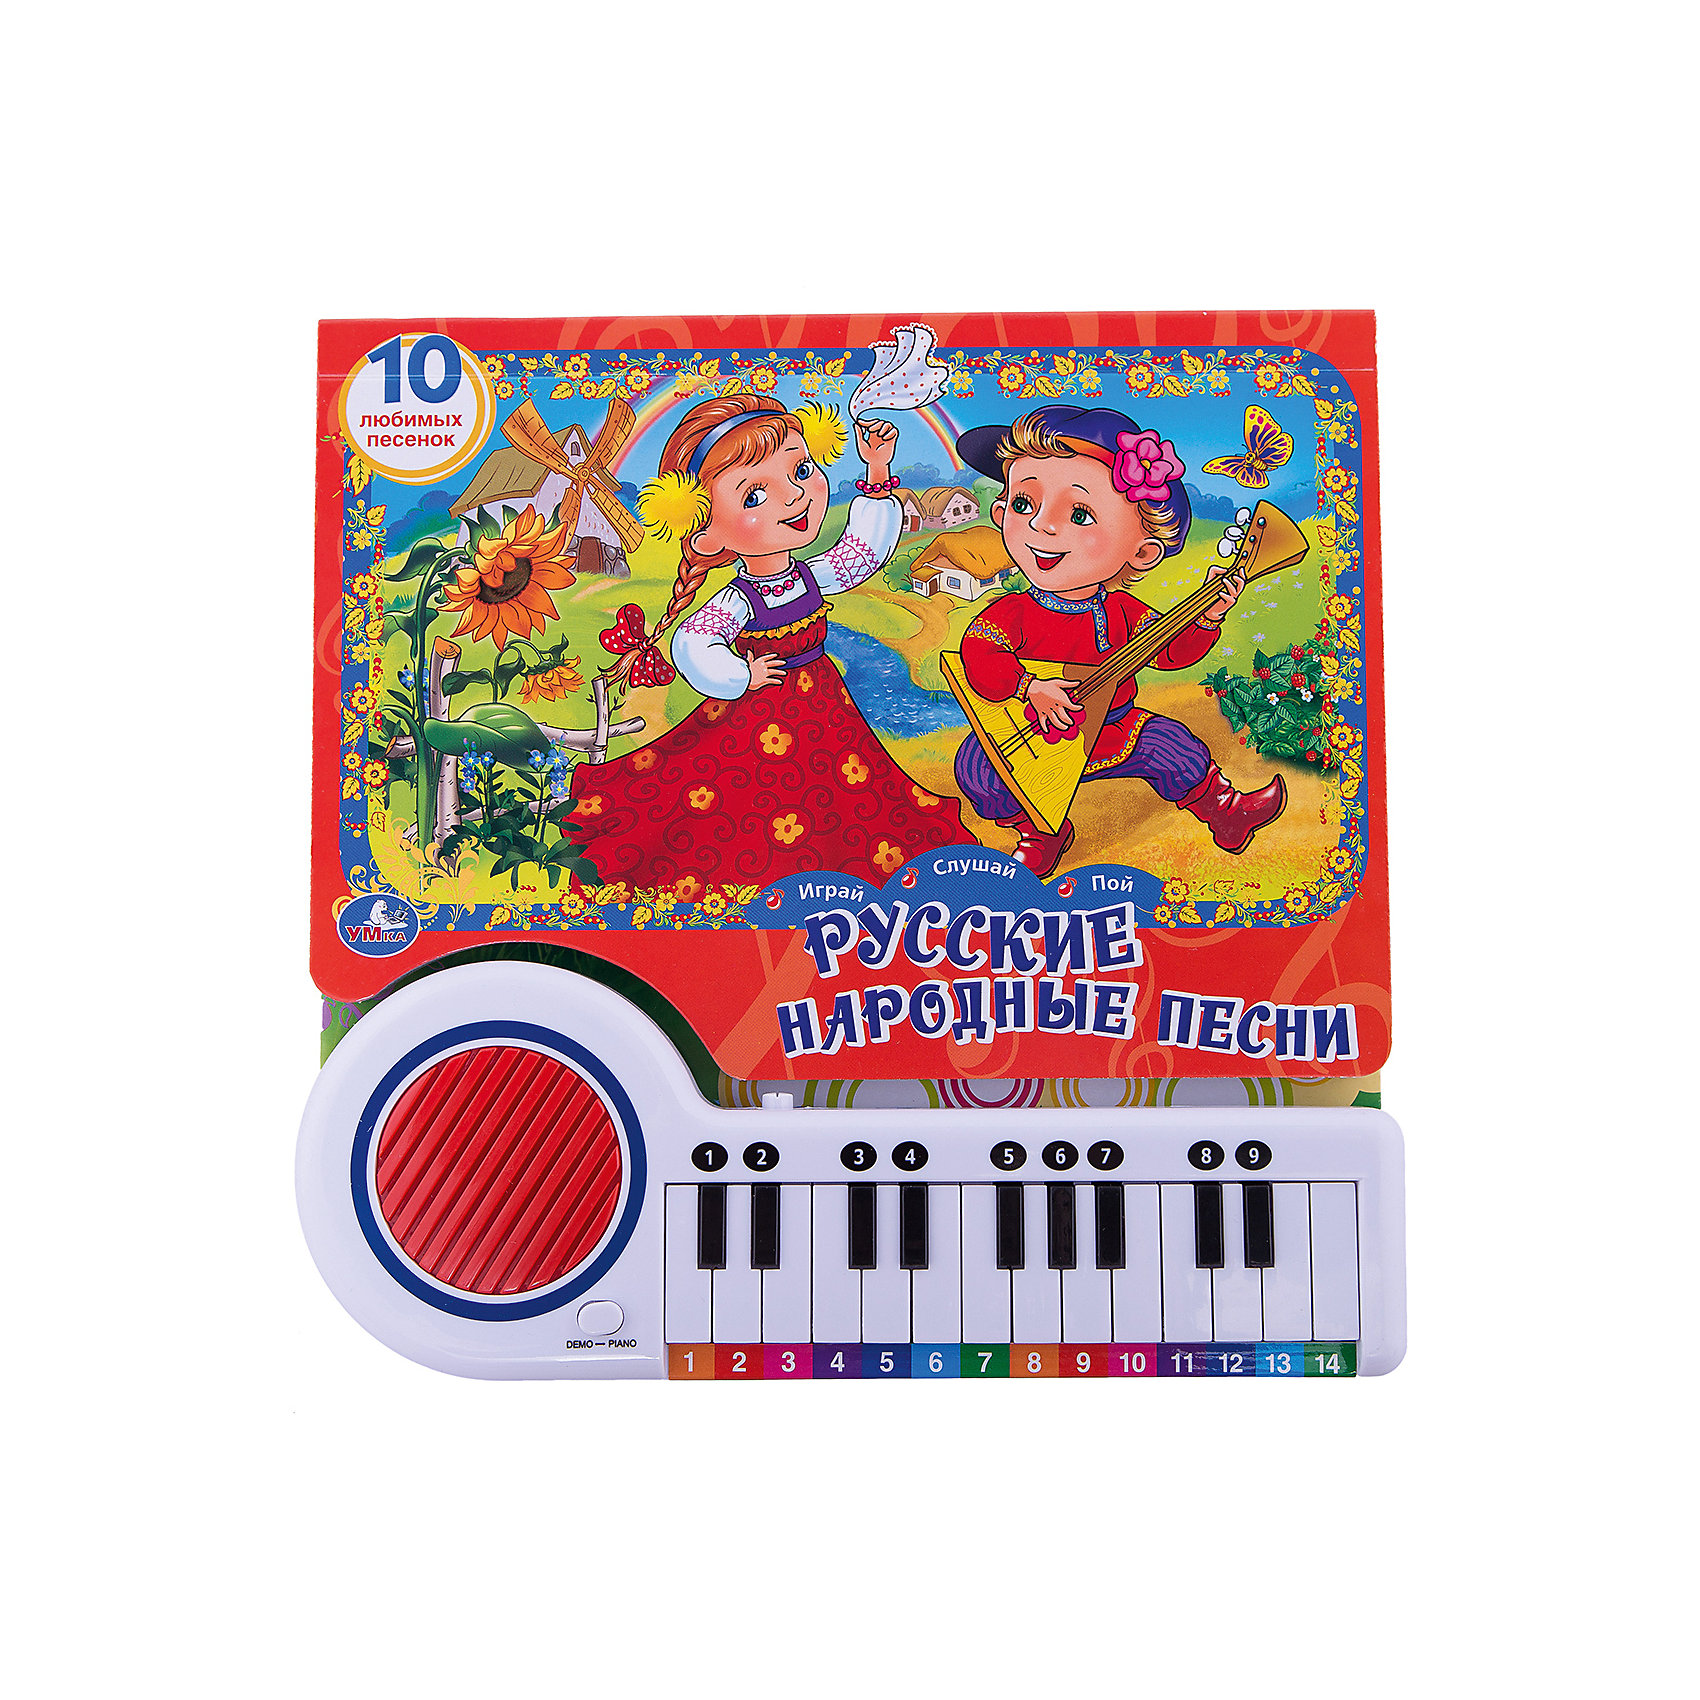 Книга-пианино с 23 кнопками Русские народные песниКниги для девочек<br>Музыкальные книжки - прекрасная возможность послушать замечательные песенки. Книга Русские народные песни (книга-пианино с 23 клавишами и песенками) от издательства Умка подарит малышу множество возможностей и станет любимицей на долгое время. Сначала кроха просто будет листать плотные картонные страницы и рассматривать яркие иллюстрации, затем попробует включать песенки, а затем, возможно, будет подбирать мелодии по нотам, как настоящий музыкант! Русские народные песенки и потешки звонкие и всегда поднимут настроение. Играй! Слушай! Пой!<br><br>Список песен: <br>1. Два весёлых гуся <br>2. Каравай <br>3. Калинка <br>4. Серенький козлик <br>5. Ладушки <br>6. Барыня <br>7. Валенки <br>8. Как у наших у ворот <br>9. Во саду ли, в огороде <br>10. Во поле берёза стояла<br><br>Дополнительное описание:<br><br>- Количество страниц: 20;<br>- Плотные, яркие, картонные страницы;<br>- Пианино - 23 клавиши - можно сочинять собственные мелодии;<br>- Множество прекрасных песенок и потешек;<br>- Режим: Караоке+;<br>- Для работы требуются:  2АА (2 пальчиковые батарейки);<br>- Размер: 26 х 26 см;<br>- Вес: 760 г<br><br>Книгу Русские народные песни (книга-пианино с 23 клавишами и песенками), Умка, можно купить в нашем интернет-магазине.<br><br>Ширина мм: 260<br>Глубина мм: 260<br>Высота мм: 30<br>Вес г: 760<br>Возраст от месяцев: 12<br>Возраст до месяцев: 84<br>Пол: Унисекс<br>Возраст: Детский<br>SKU: 3915817